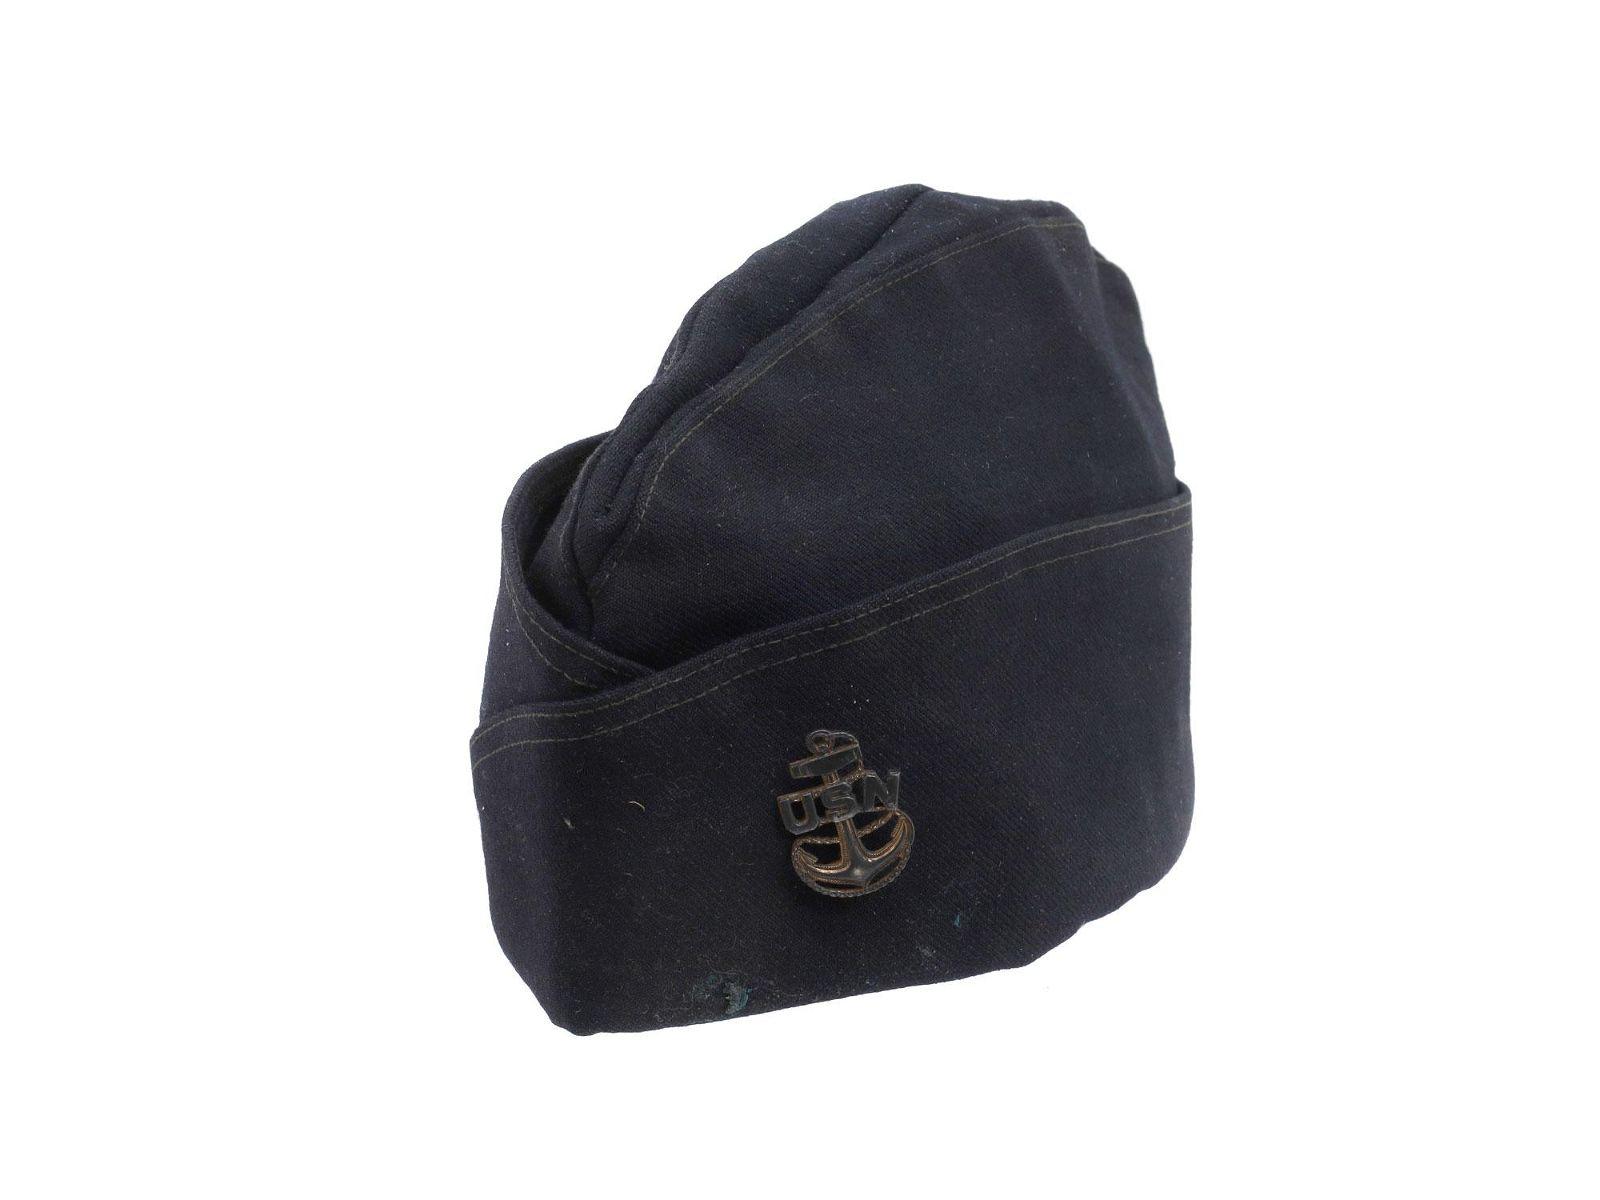 AN ORIGINAL U.S. WWII NAVY GARRISON HAT